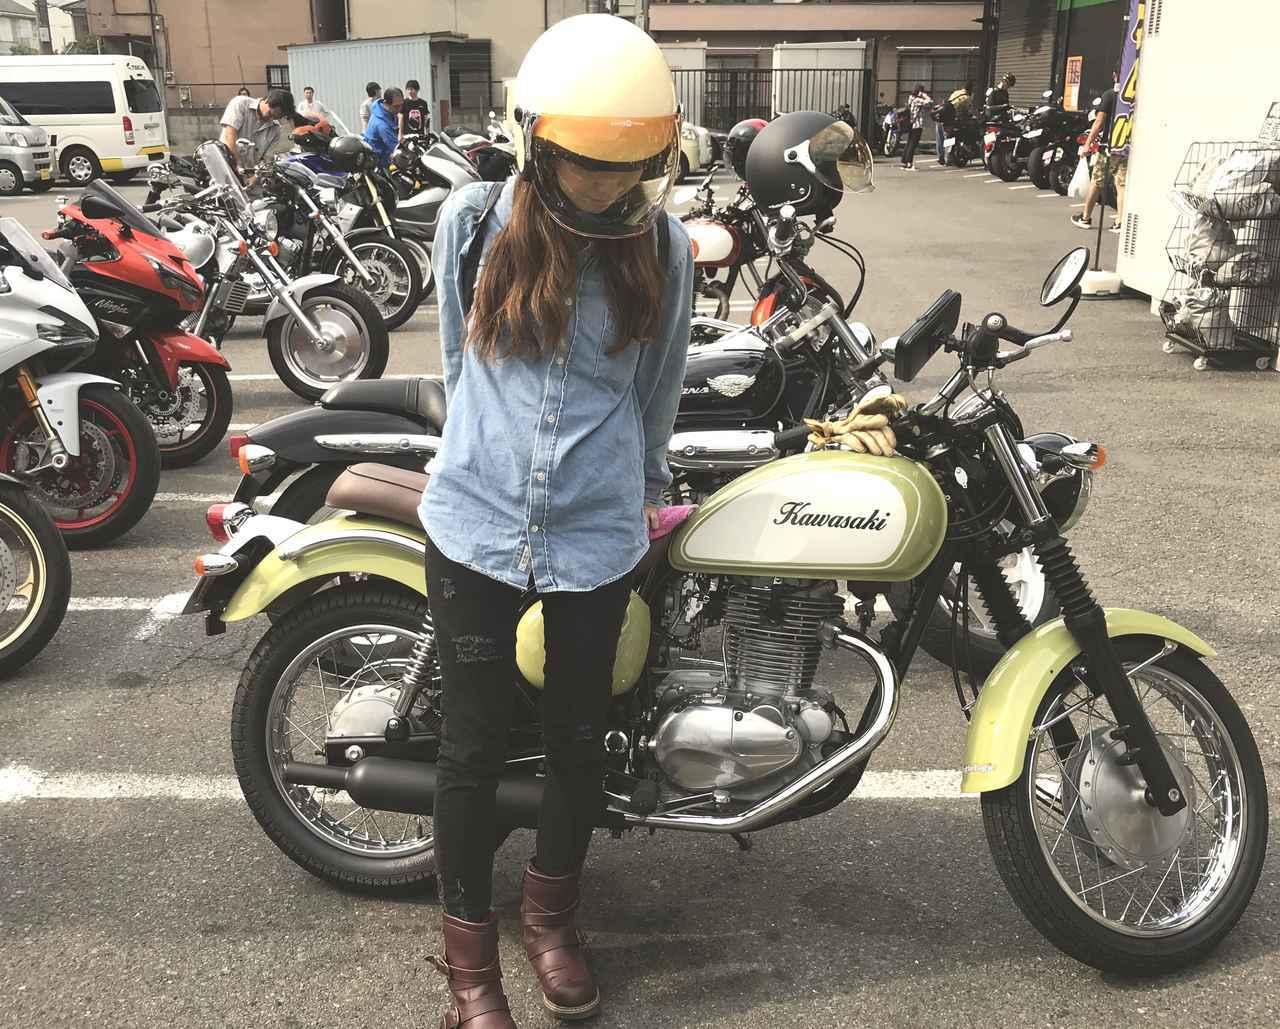 画像: 〜ロレンス編集部の「コレがしたいアレが欲しい夏」 Akiko編:ライダー御用達「2りんかん」で新ヘルメット購入! - LAWRENCE - Motorcycle x Cars + α = Your Life.